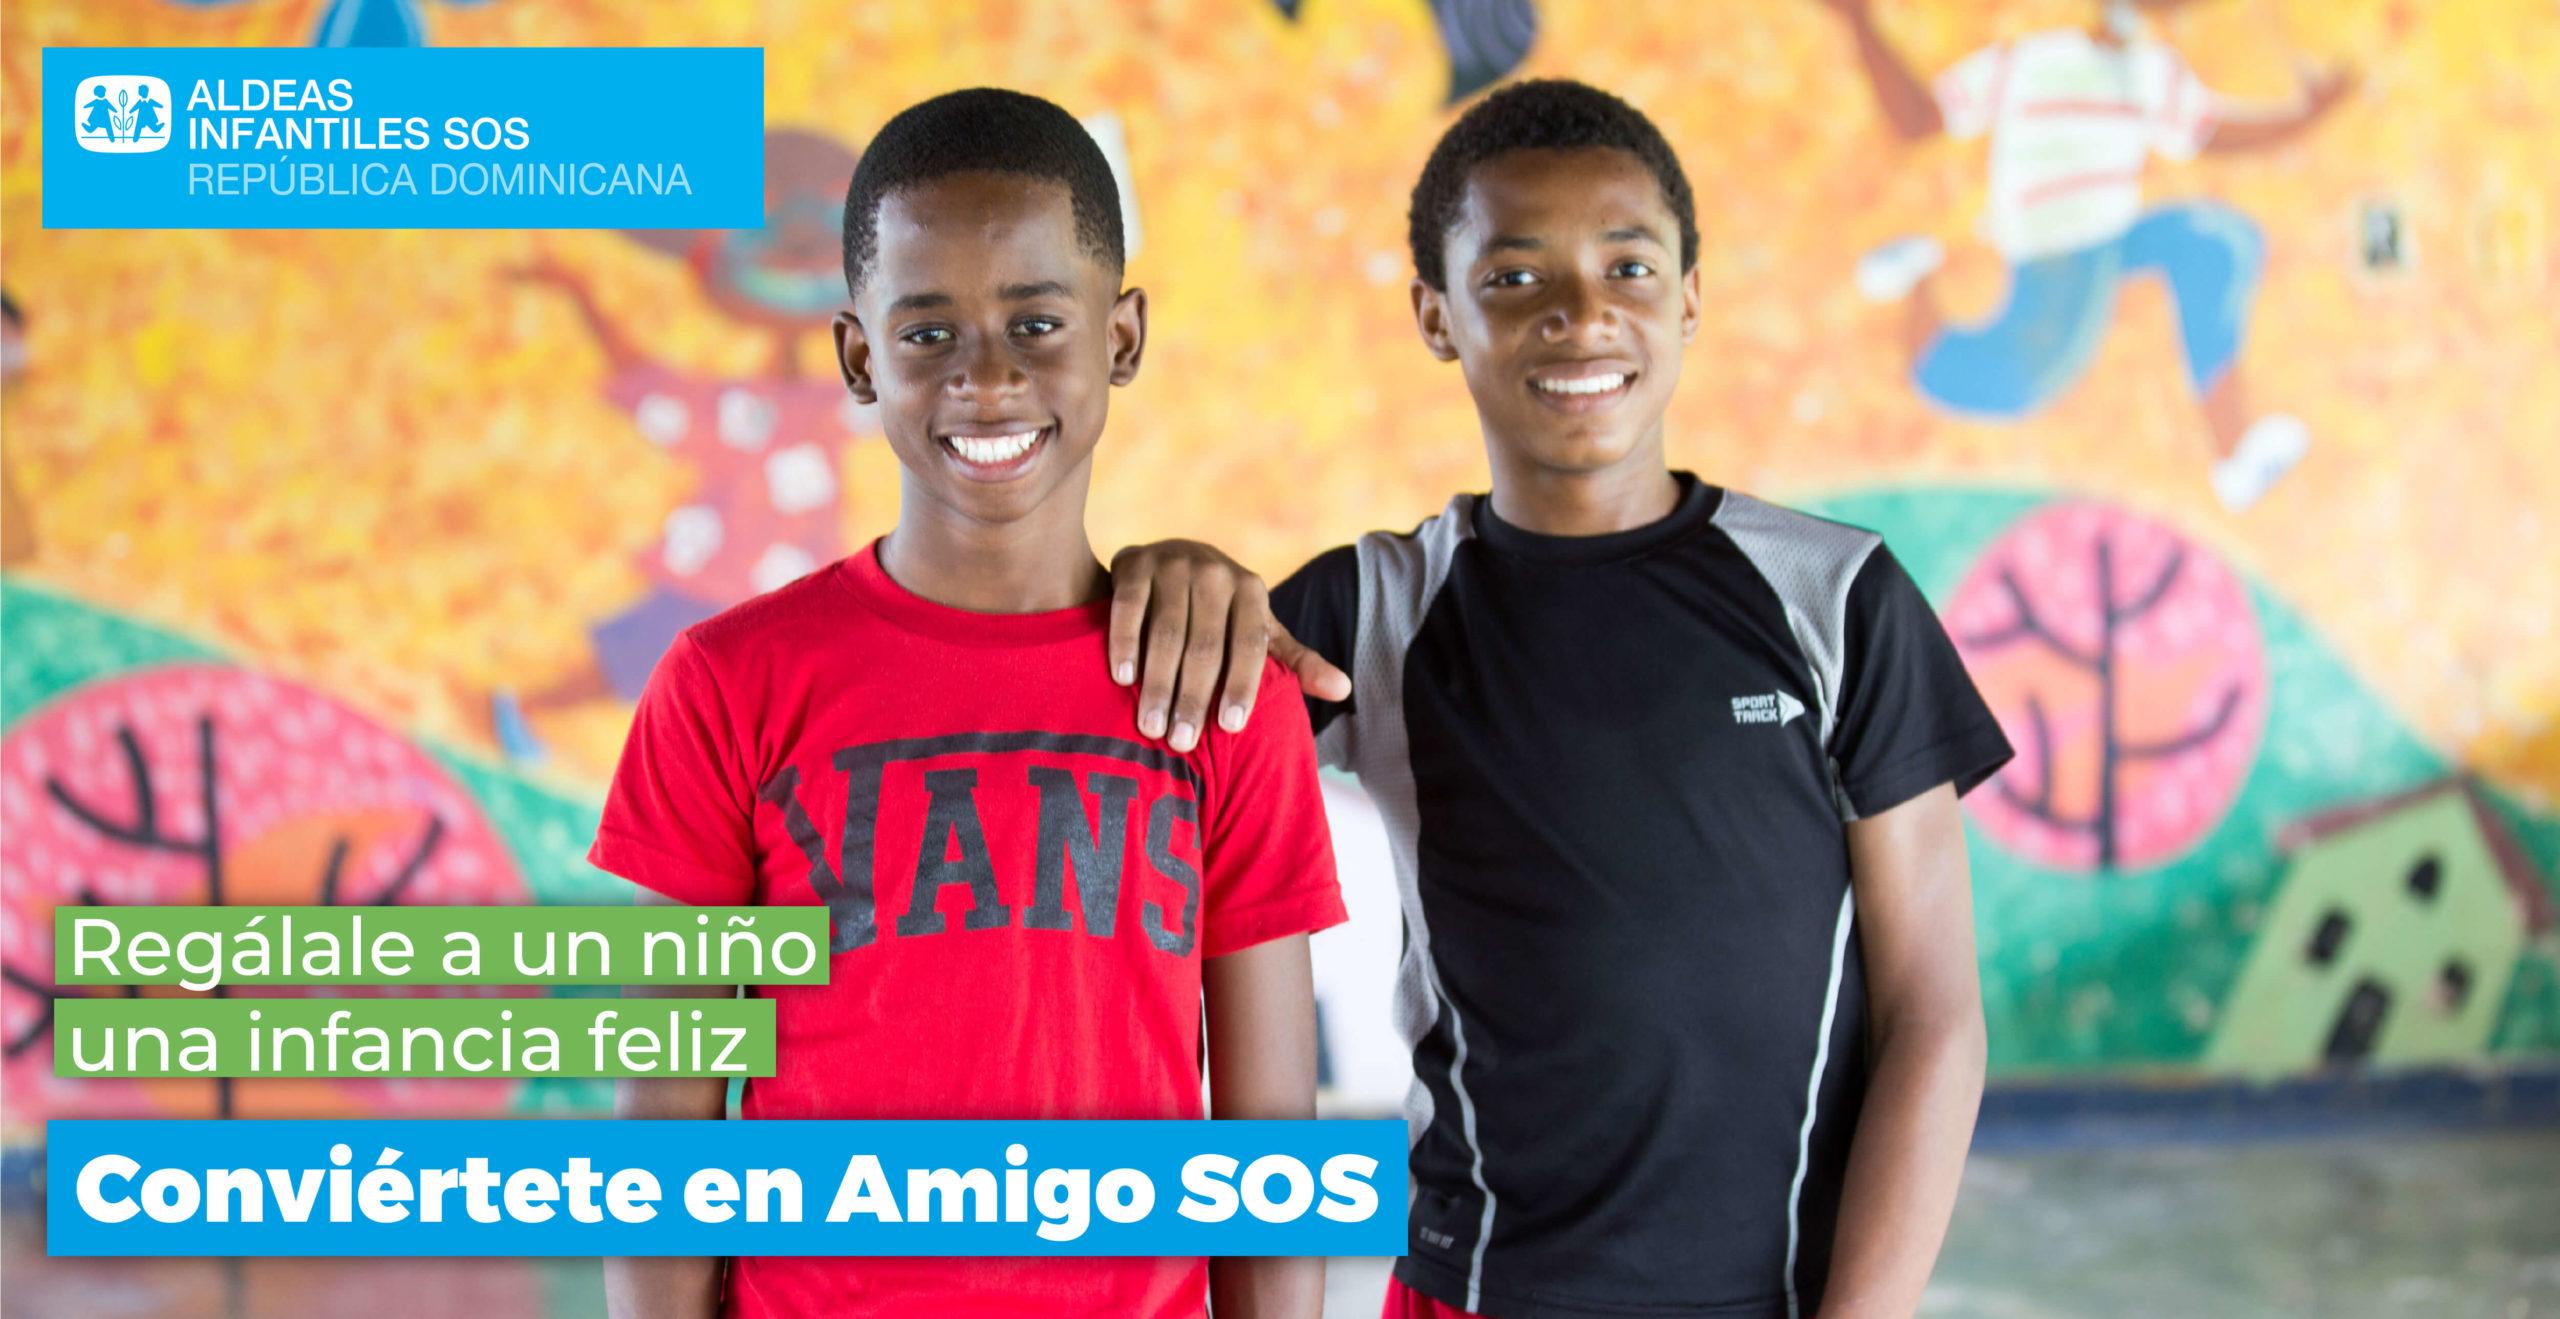 Conviértete en Amigo SOS Aldeas Infantiles SOS RD II